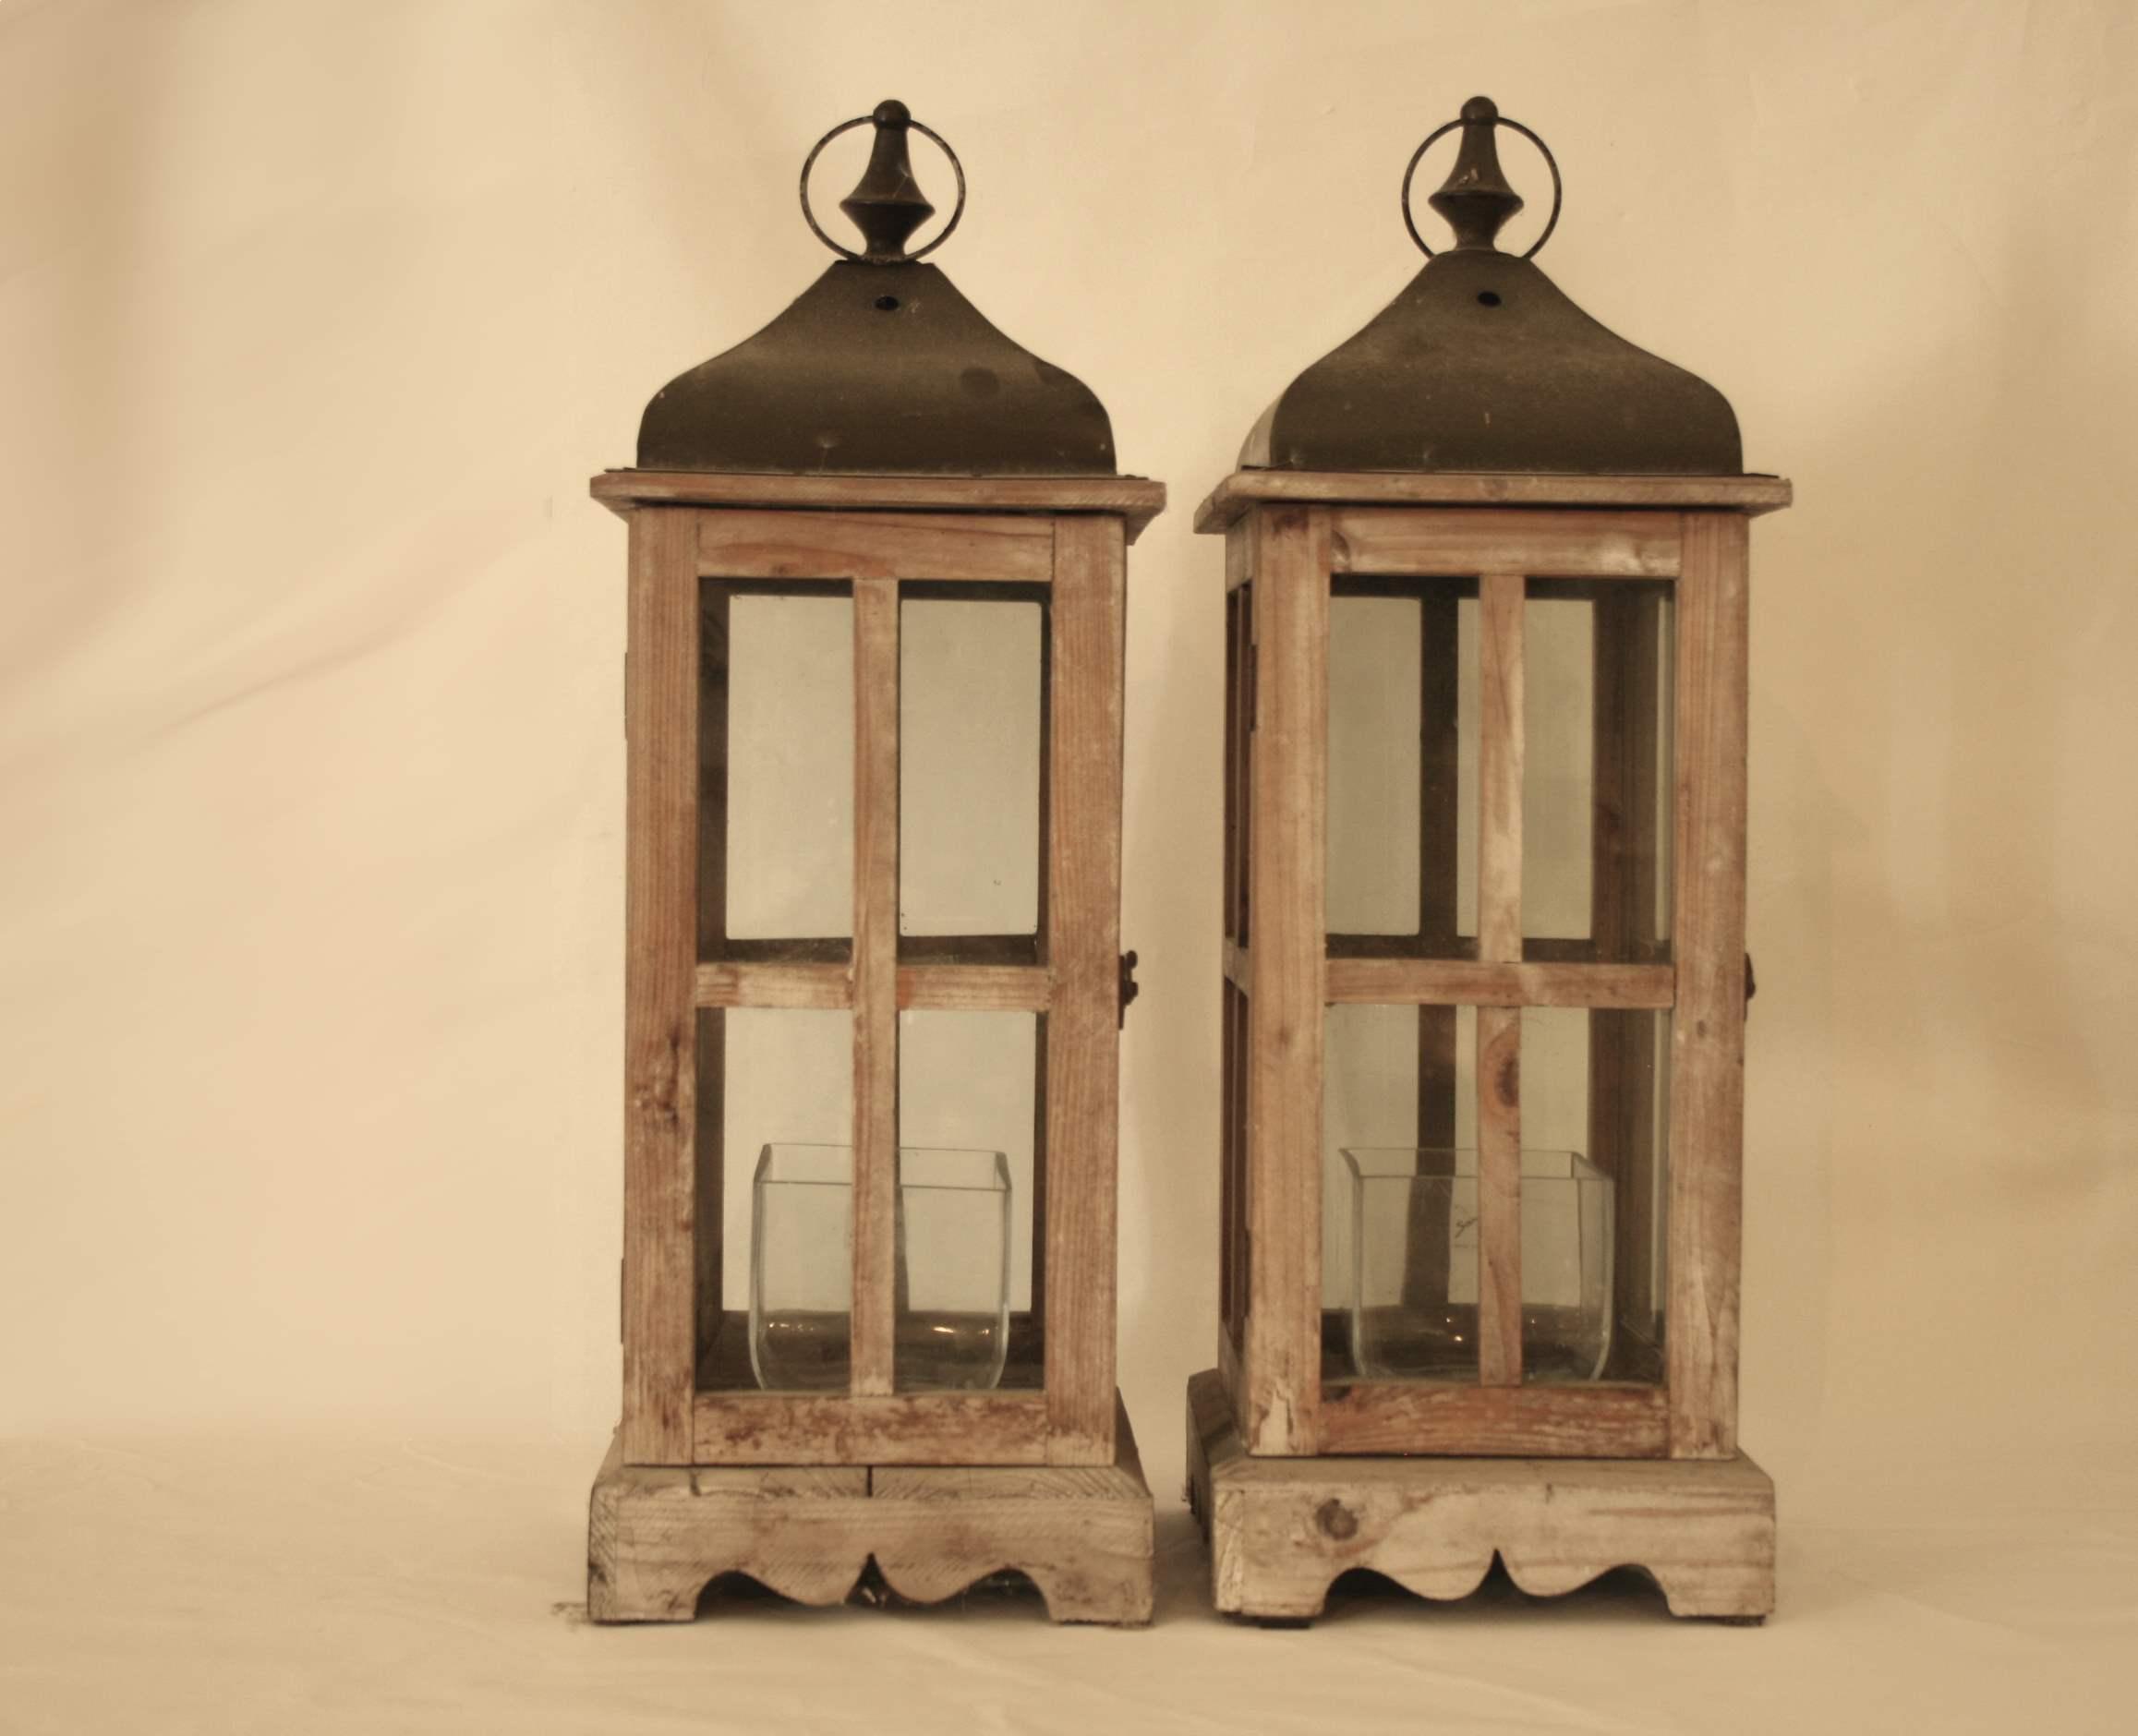 Lot 219 - 2 photophores en forme de maison, parois vitrées + 2 vase en verre de Sandra RICH - [...]